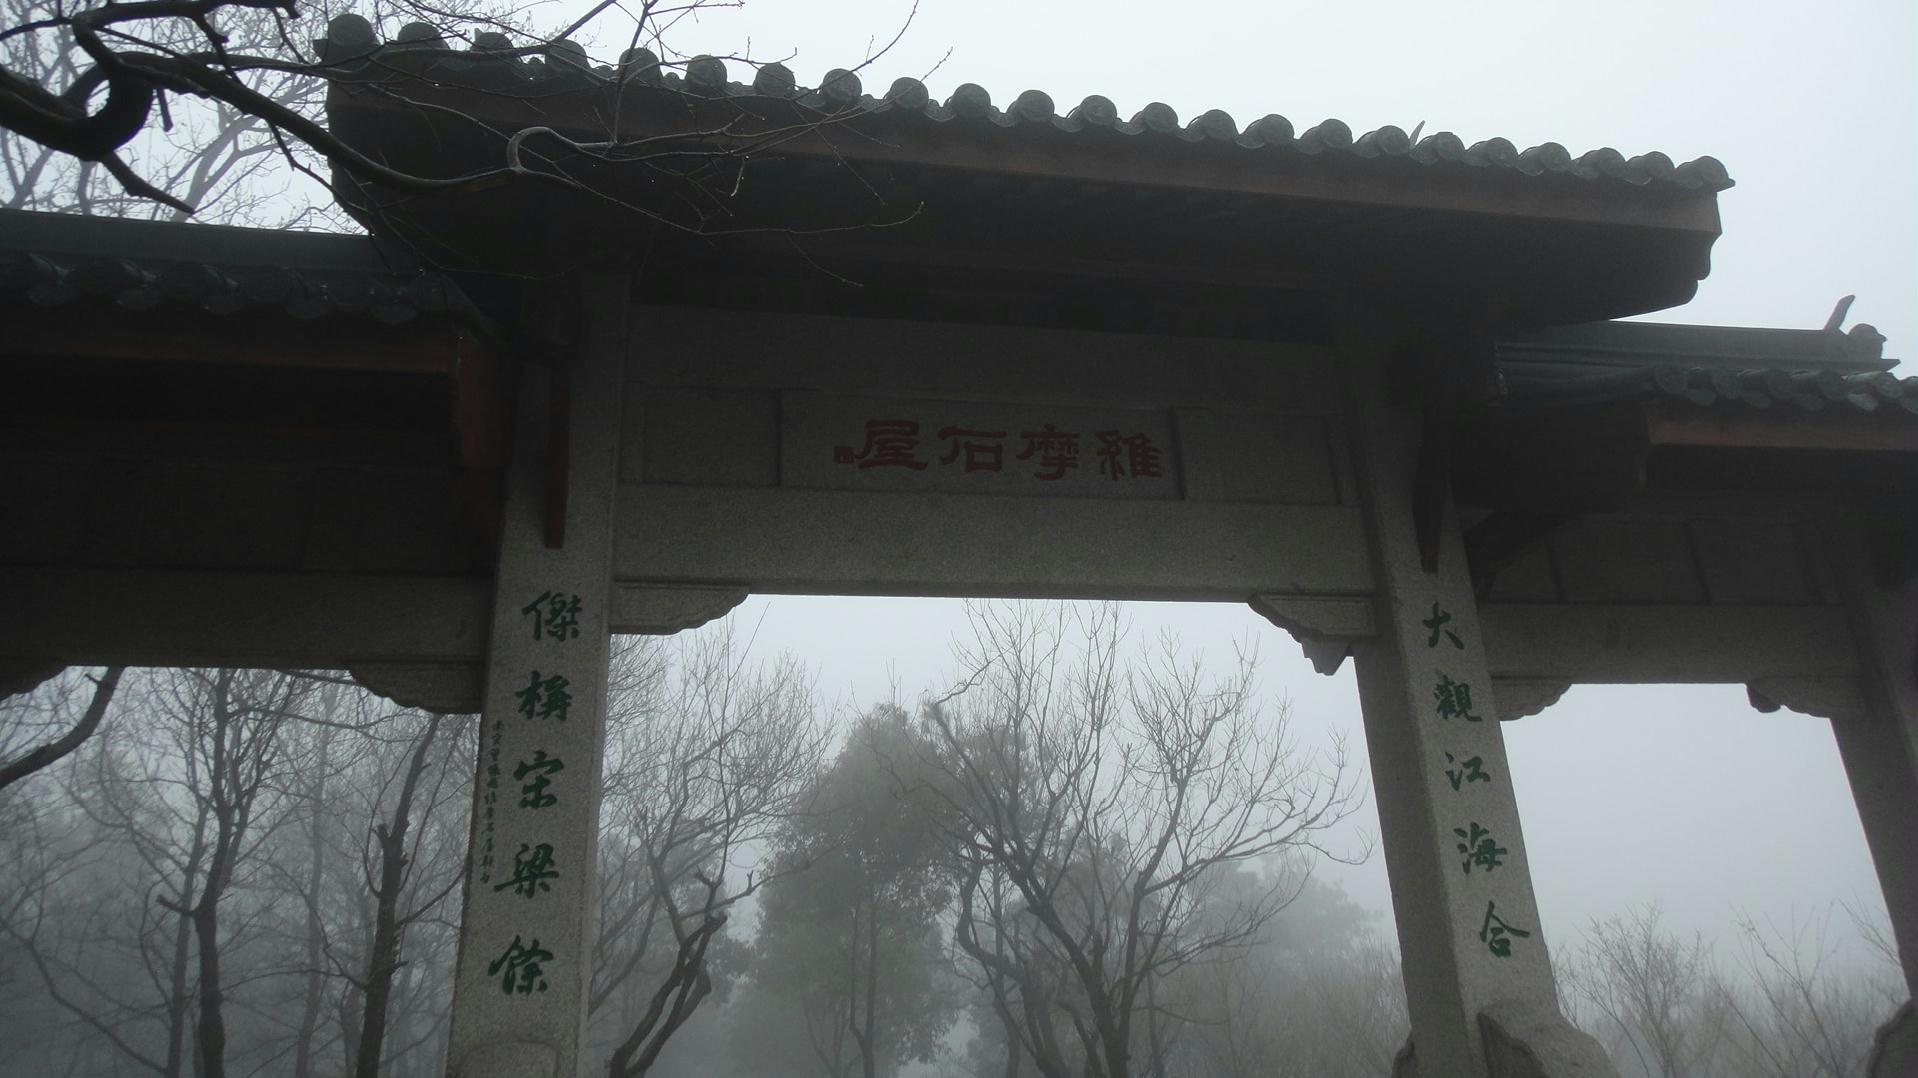 苏州至庐山自驾六日游